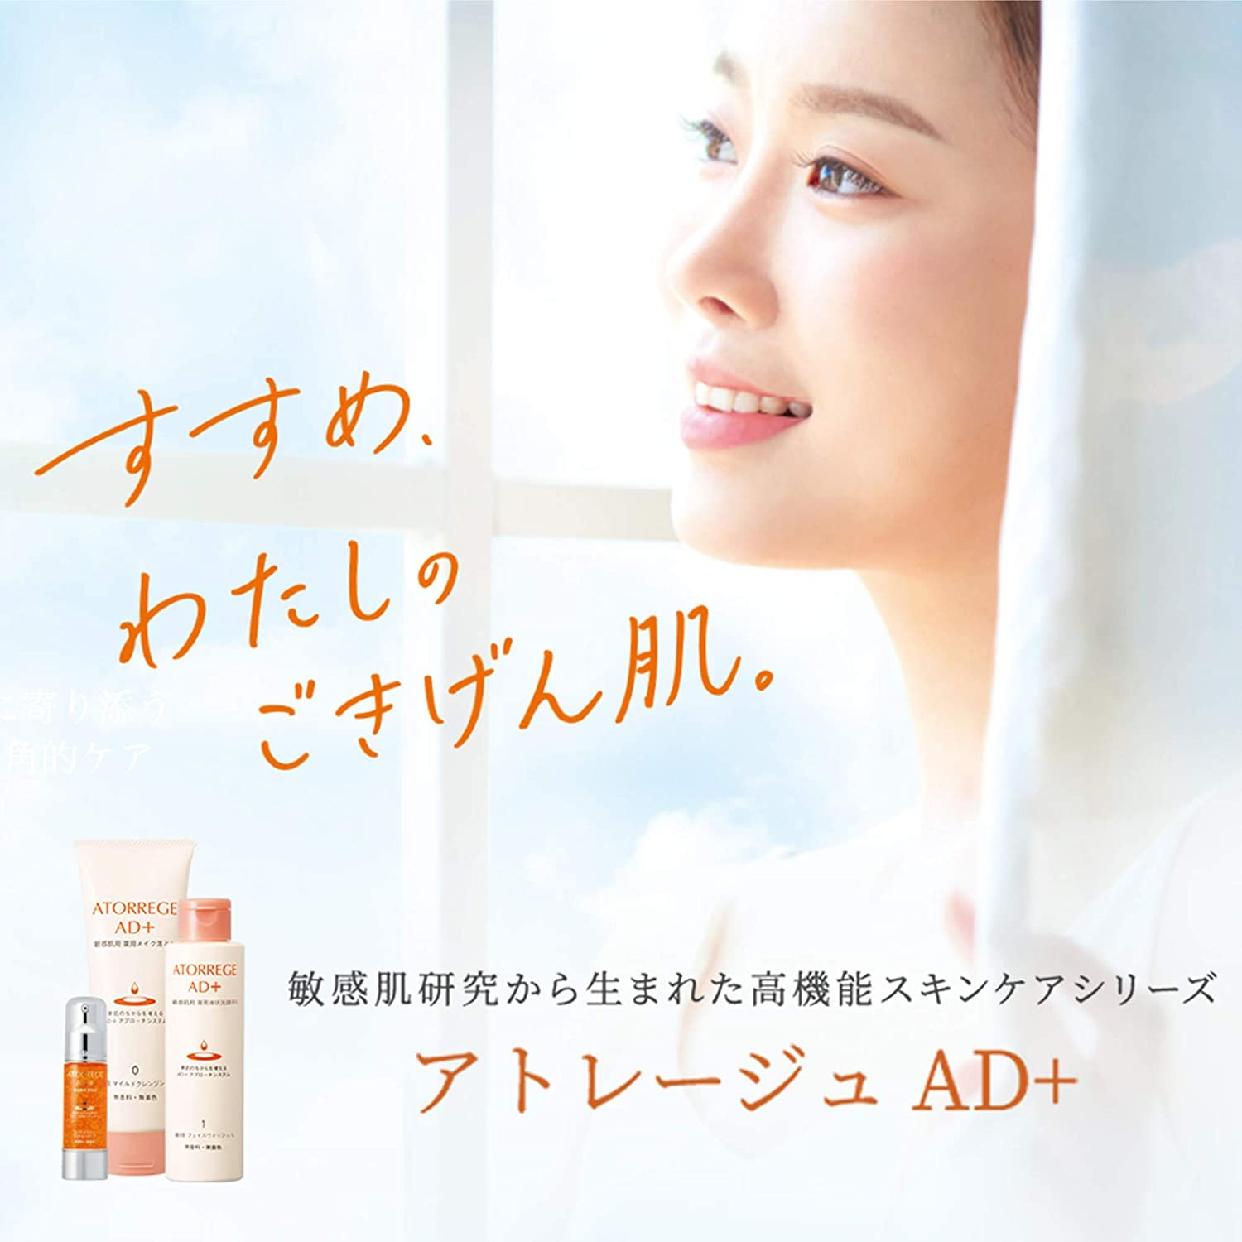 ATORREGE AD+(アトレージュ AD+) 薬用 フェイスクリームの商品画像7